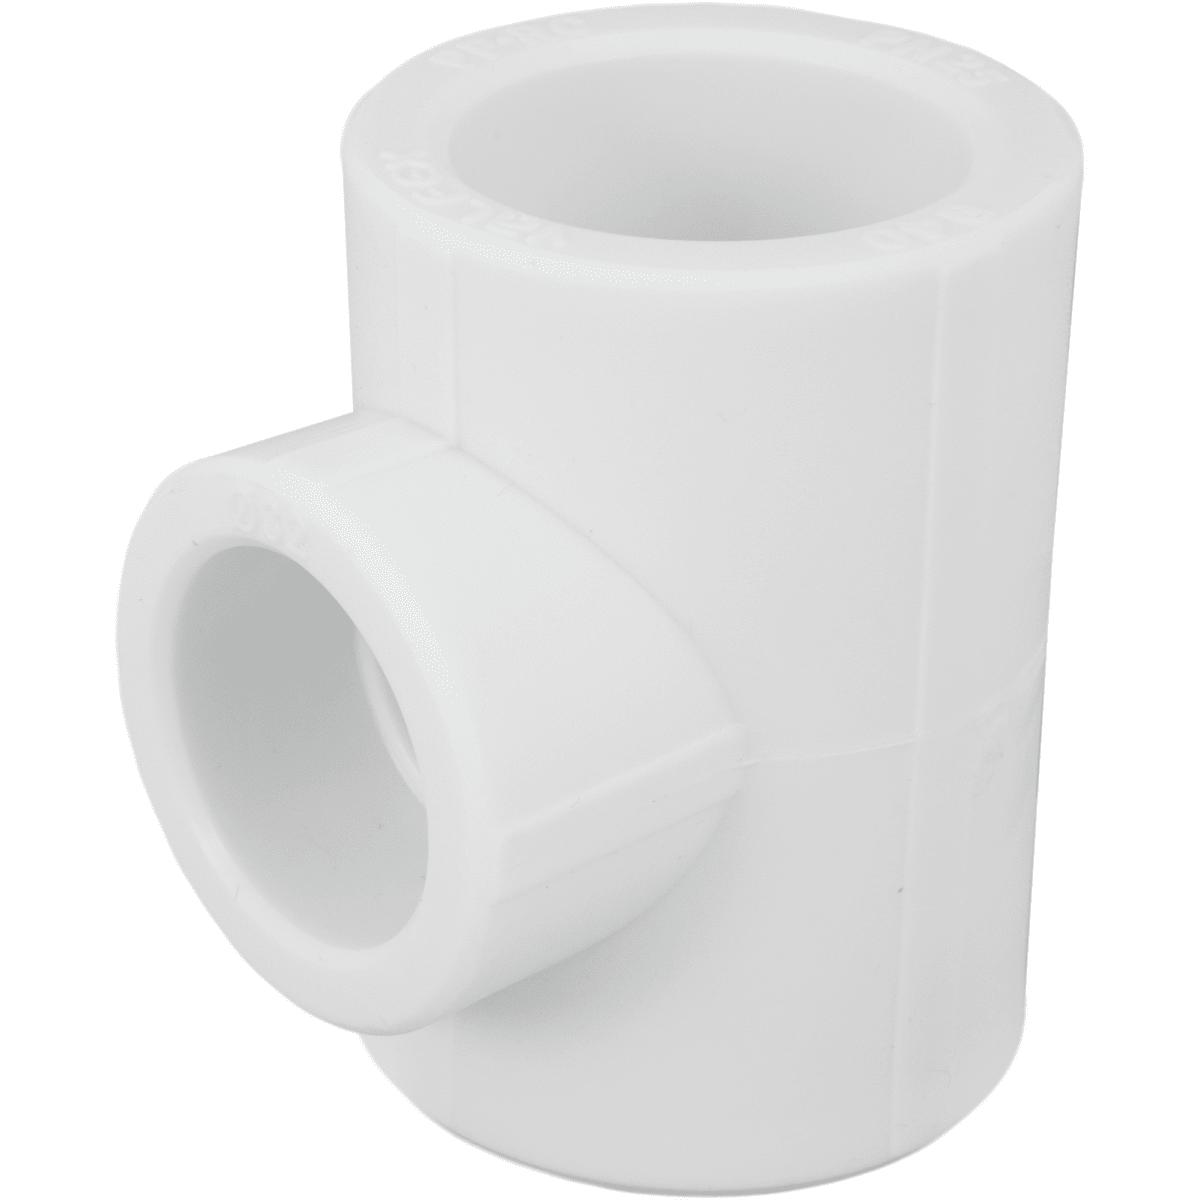 Тройник ⌀40 x 32 x 40 мм полипропилен